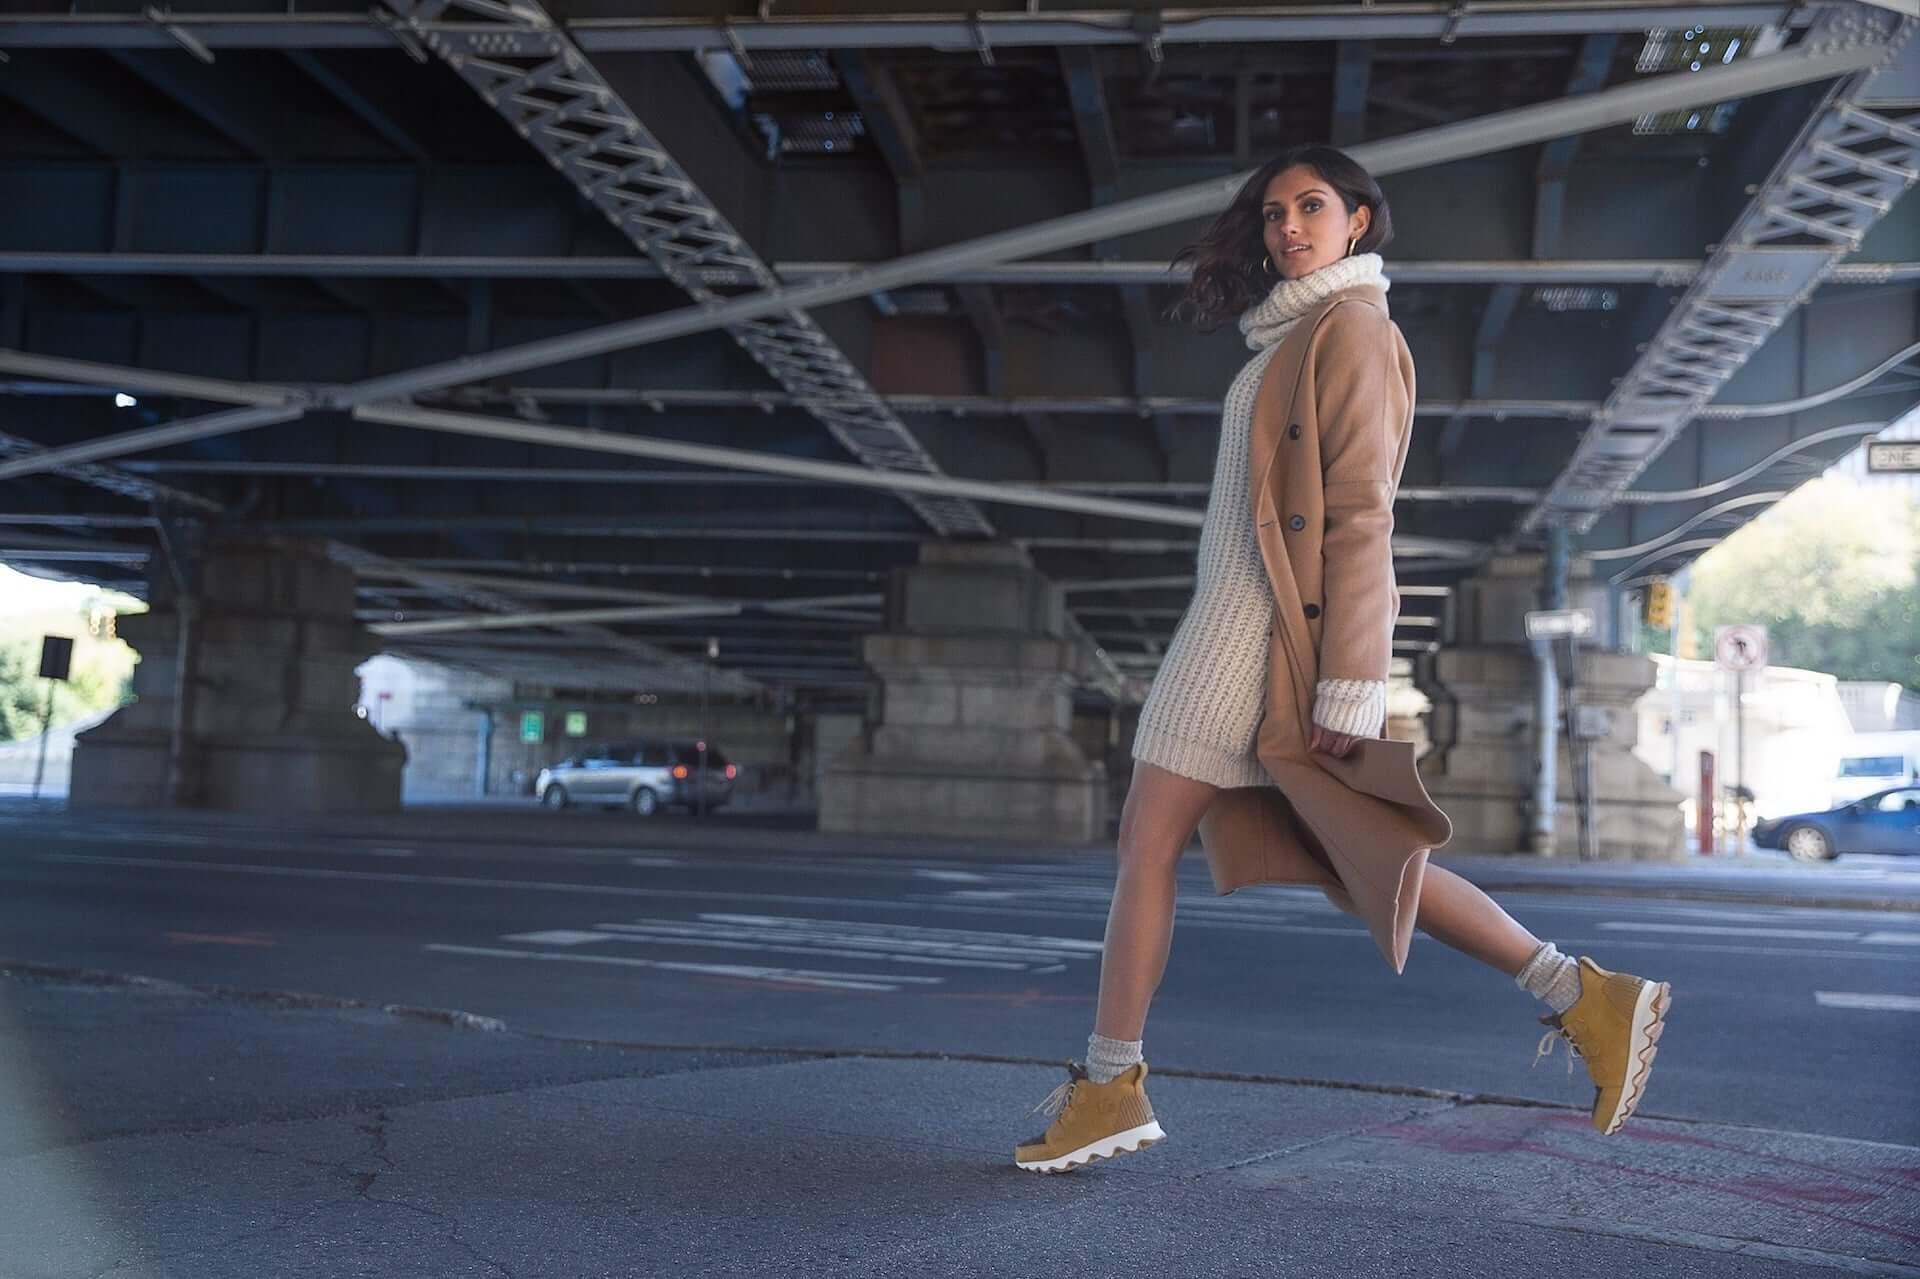 どんな雨でも大丈夫!SORELから機能性&ファッション性を兼ね備えたスニーカーブーツ「KINETIC CARIBOU」登場 life190626_sorel_kineticcaribou_2-1920x1279